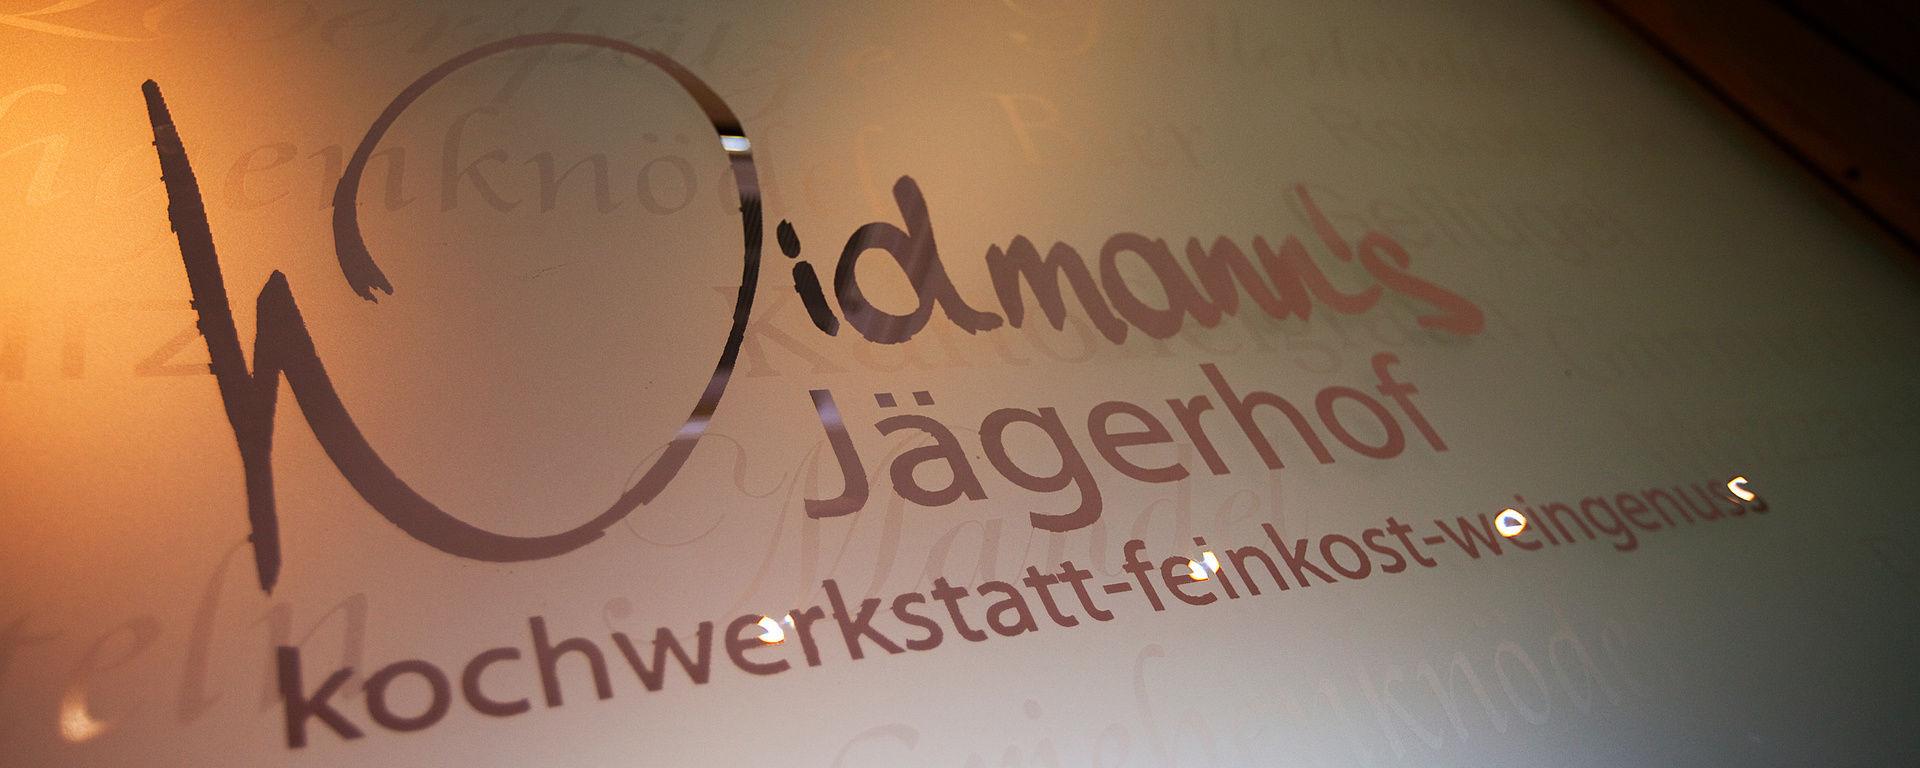 widmann s j gerhof tagungszentrum bei widmann s l wen. Black Bedroom Furniture Sets. Home Design Ideas